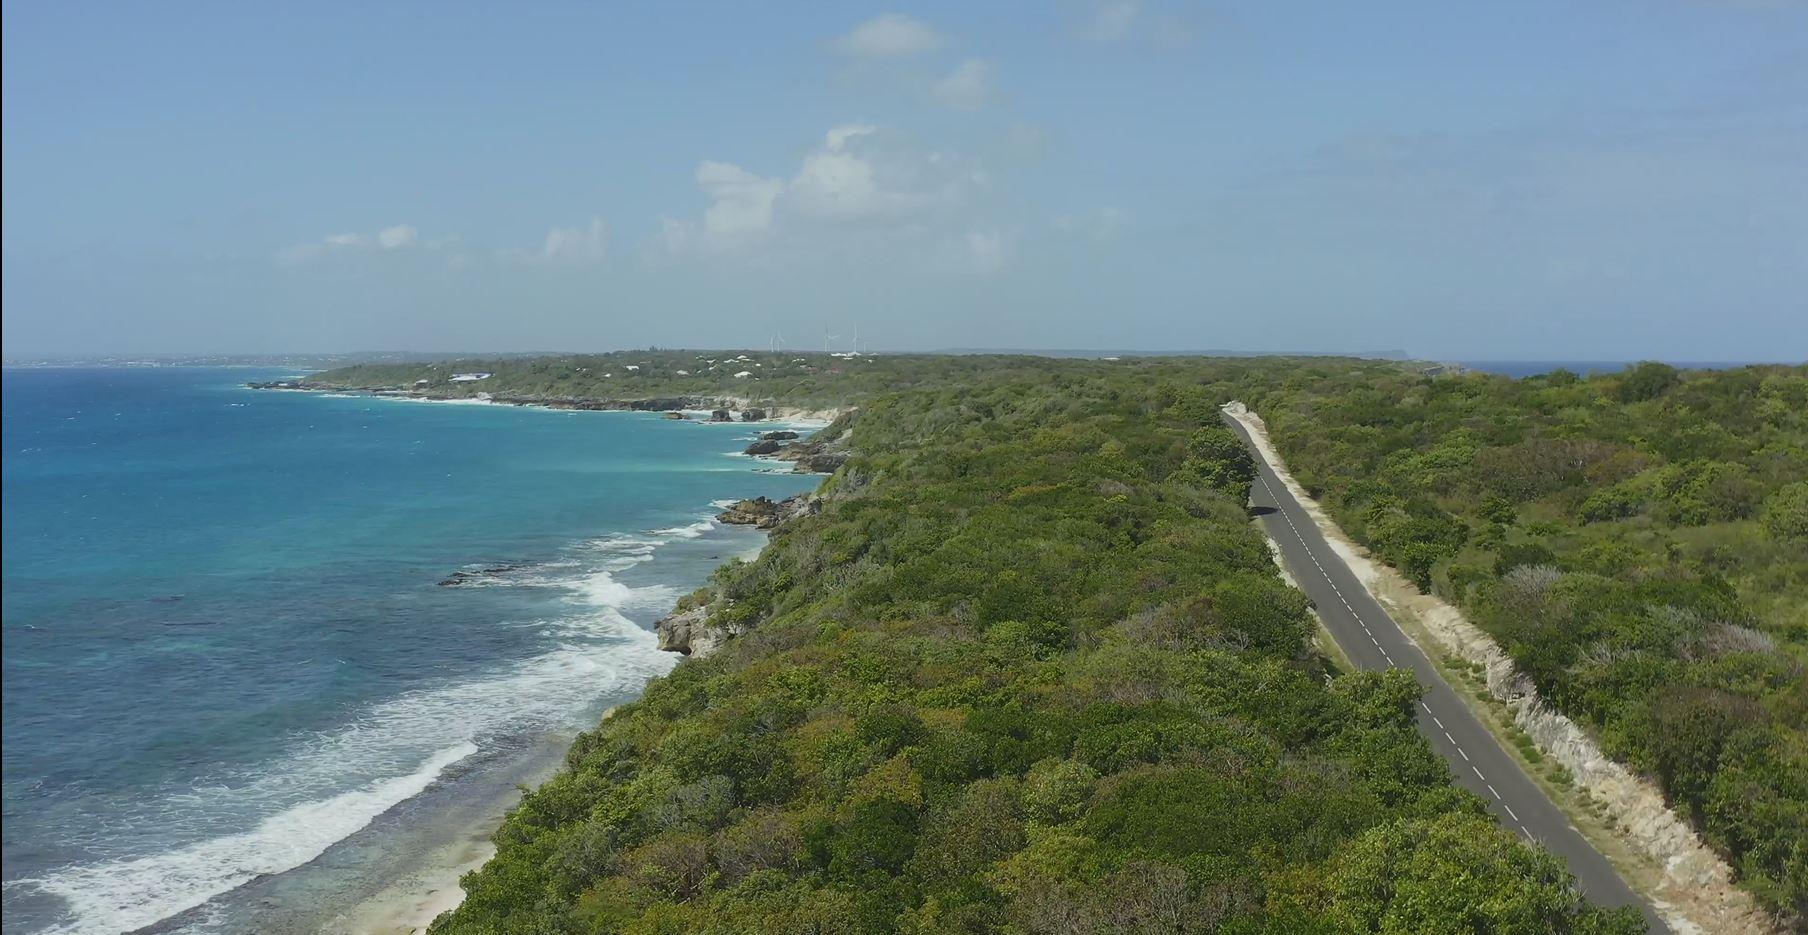 //images.ctfassets.net/etdek7frp0ue/5jmWXLMP6oO34WwG4Gwrn/2f2d6d926a72e5aae83ab0d8660c39cc/Jumbo_Car_Guadeloupe_location_voiture.JPG